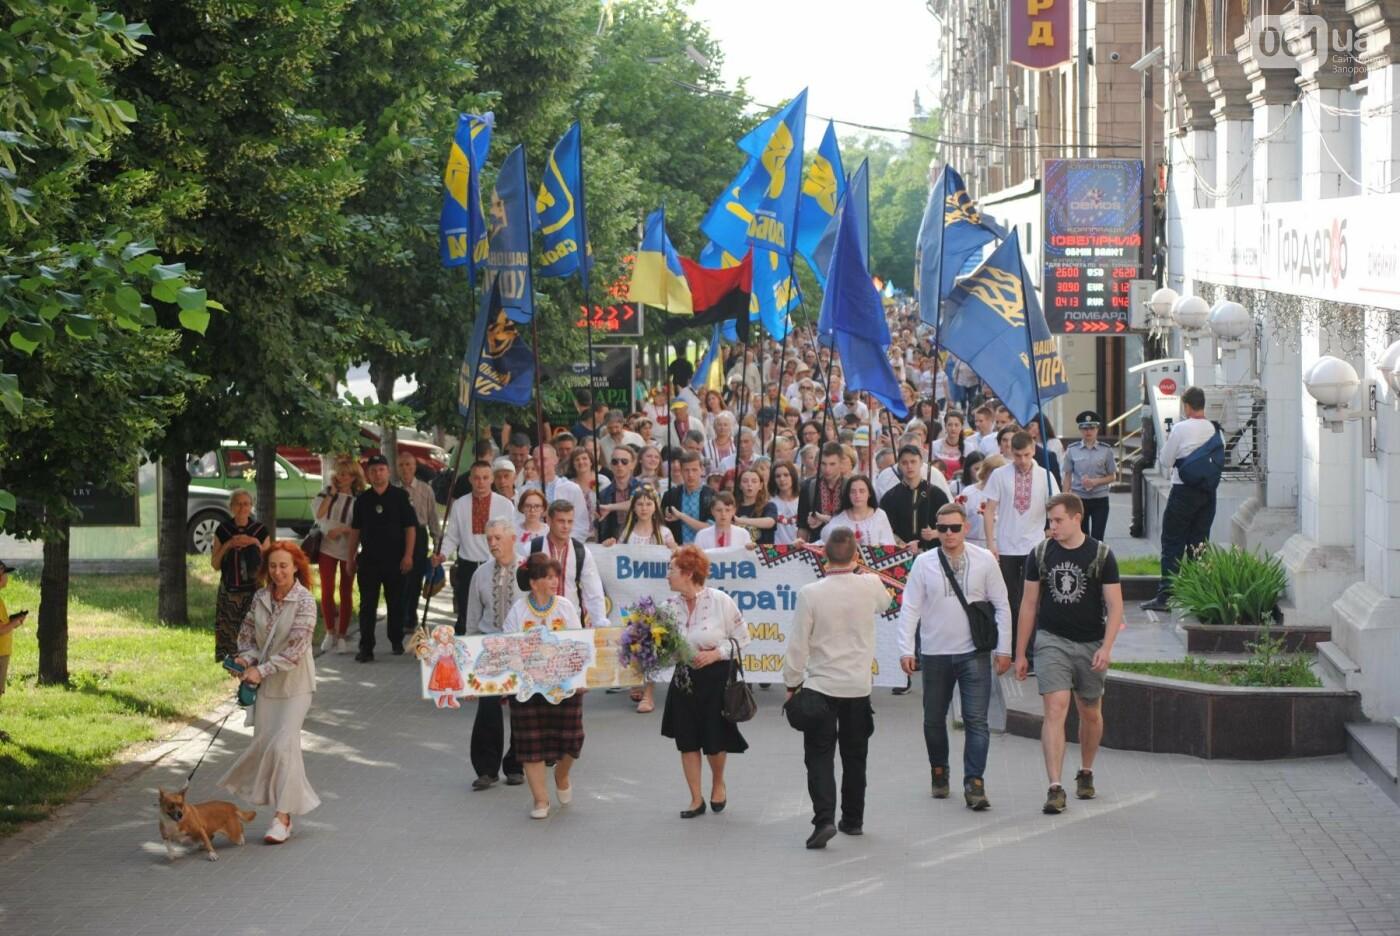 Несколько сотен запорожцев приняли участие в Марше вышиванок, - ФОТОРЕПОРТАЖ, фото-10